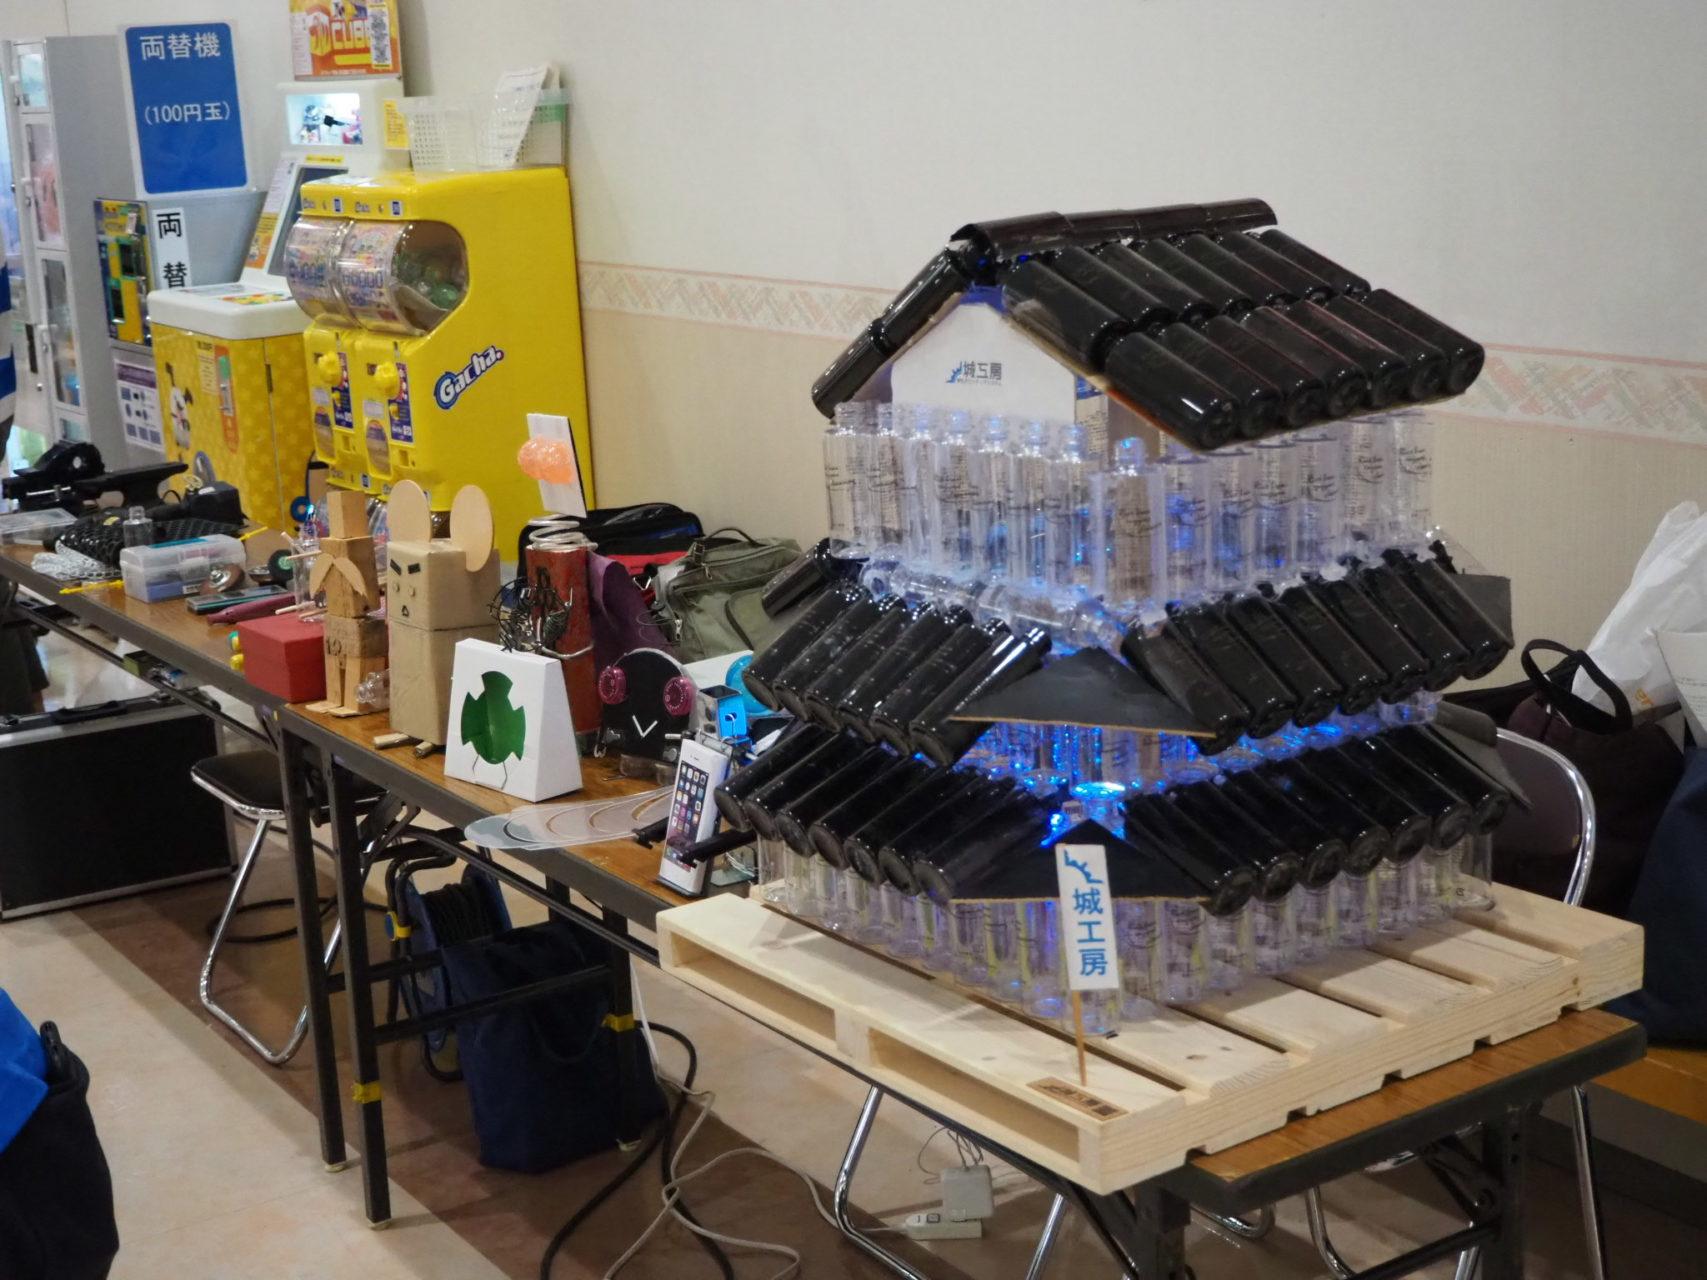 フレスポ東大阪でのイベントで焼き芋の実演販売!